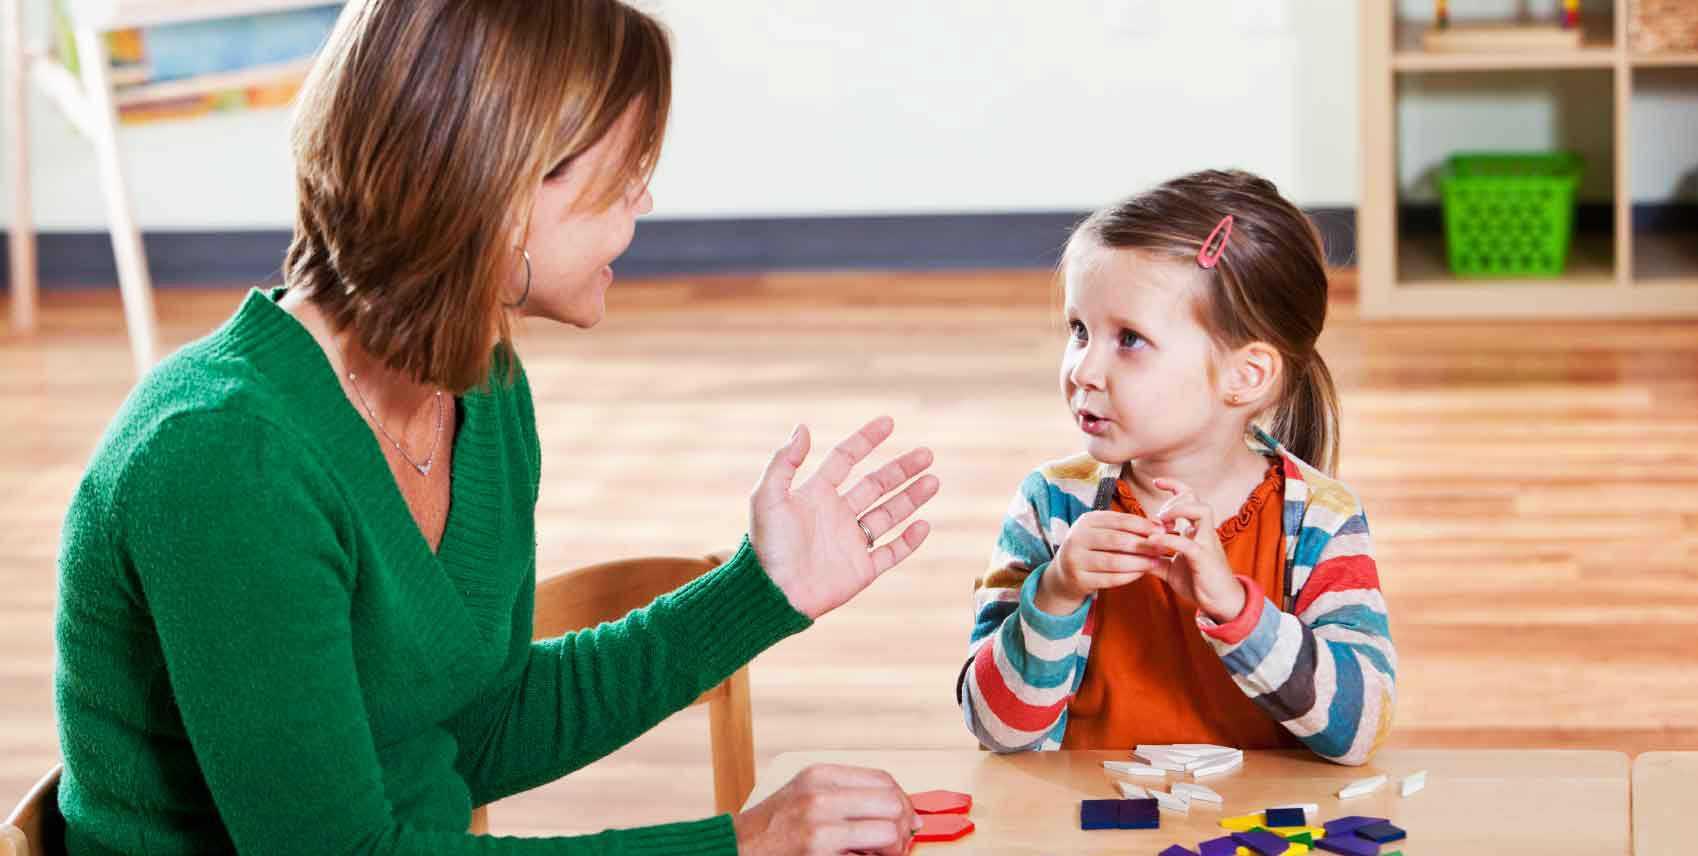 Ребенок 7 лет неуправляемый: почему и что делать